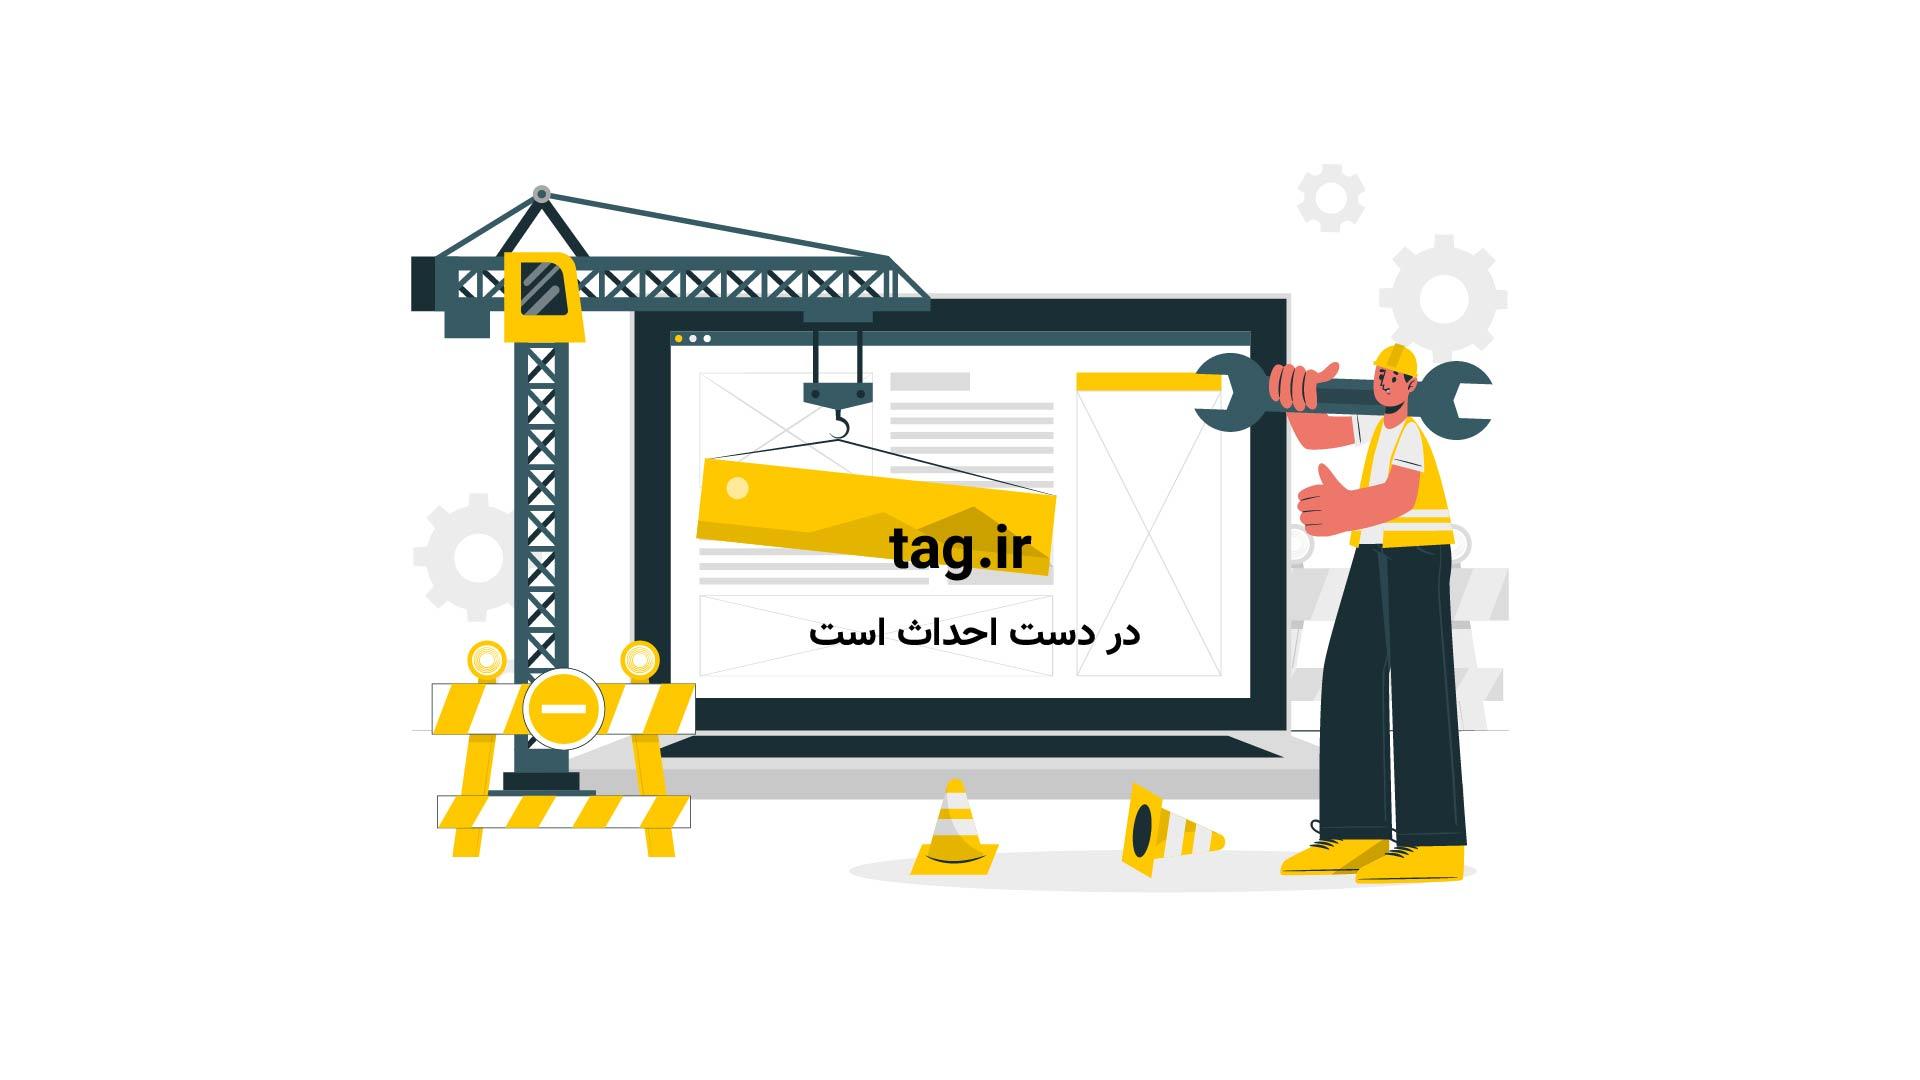 شیرین کاری شاه طوطی استرالیایی برای جایزه|تگ